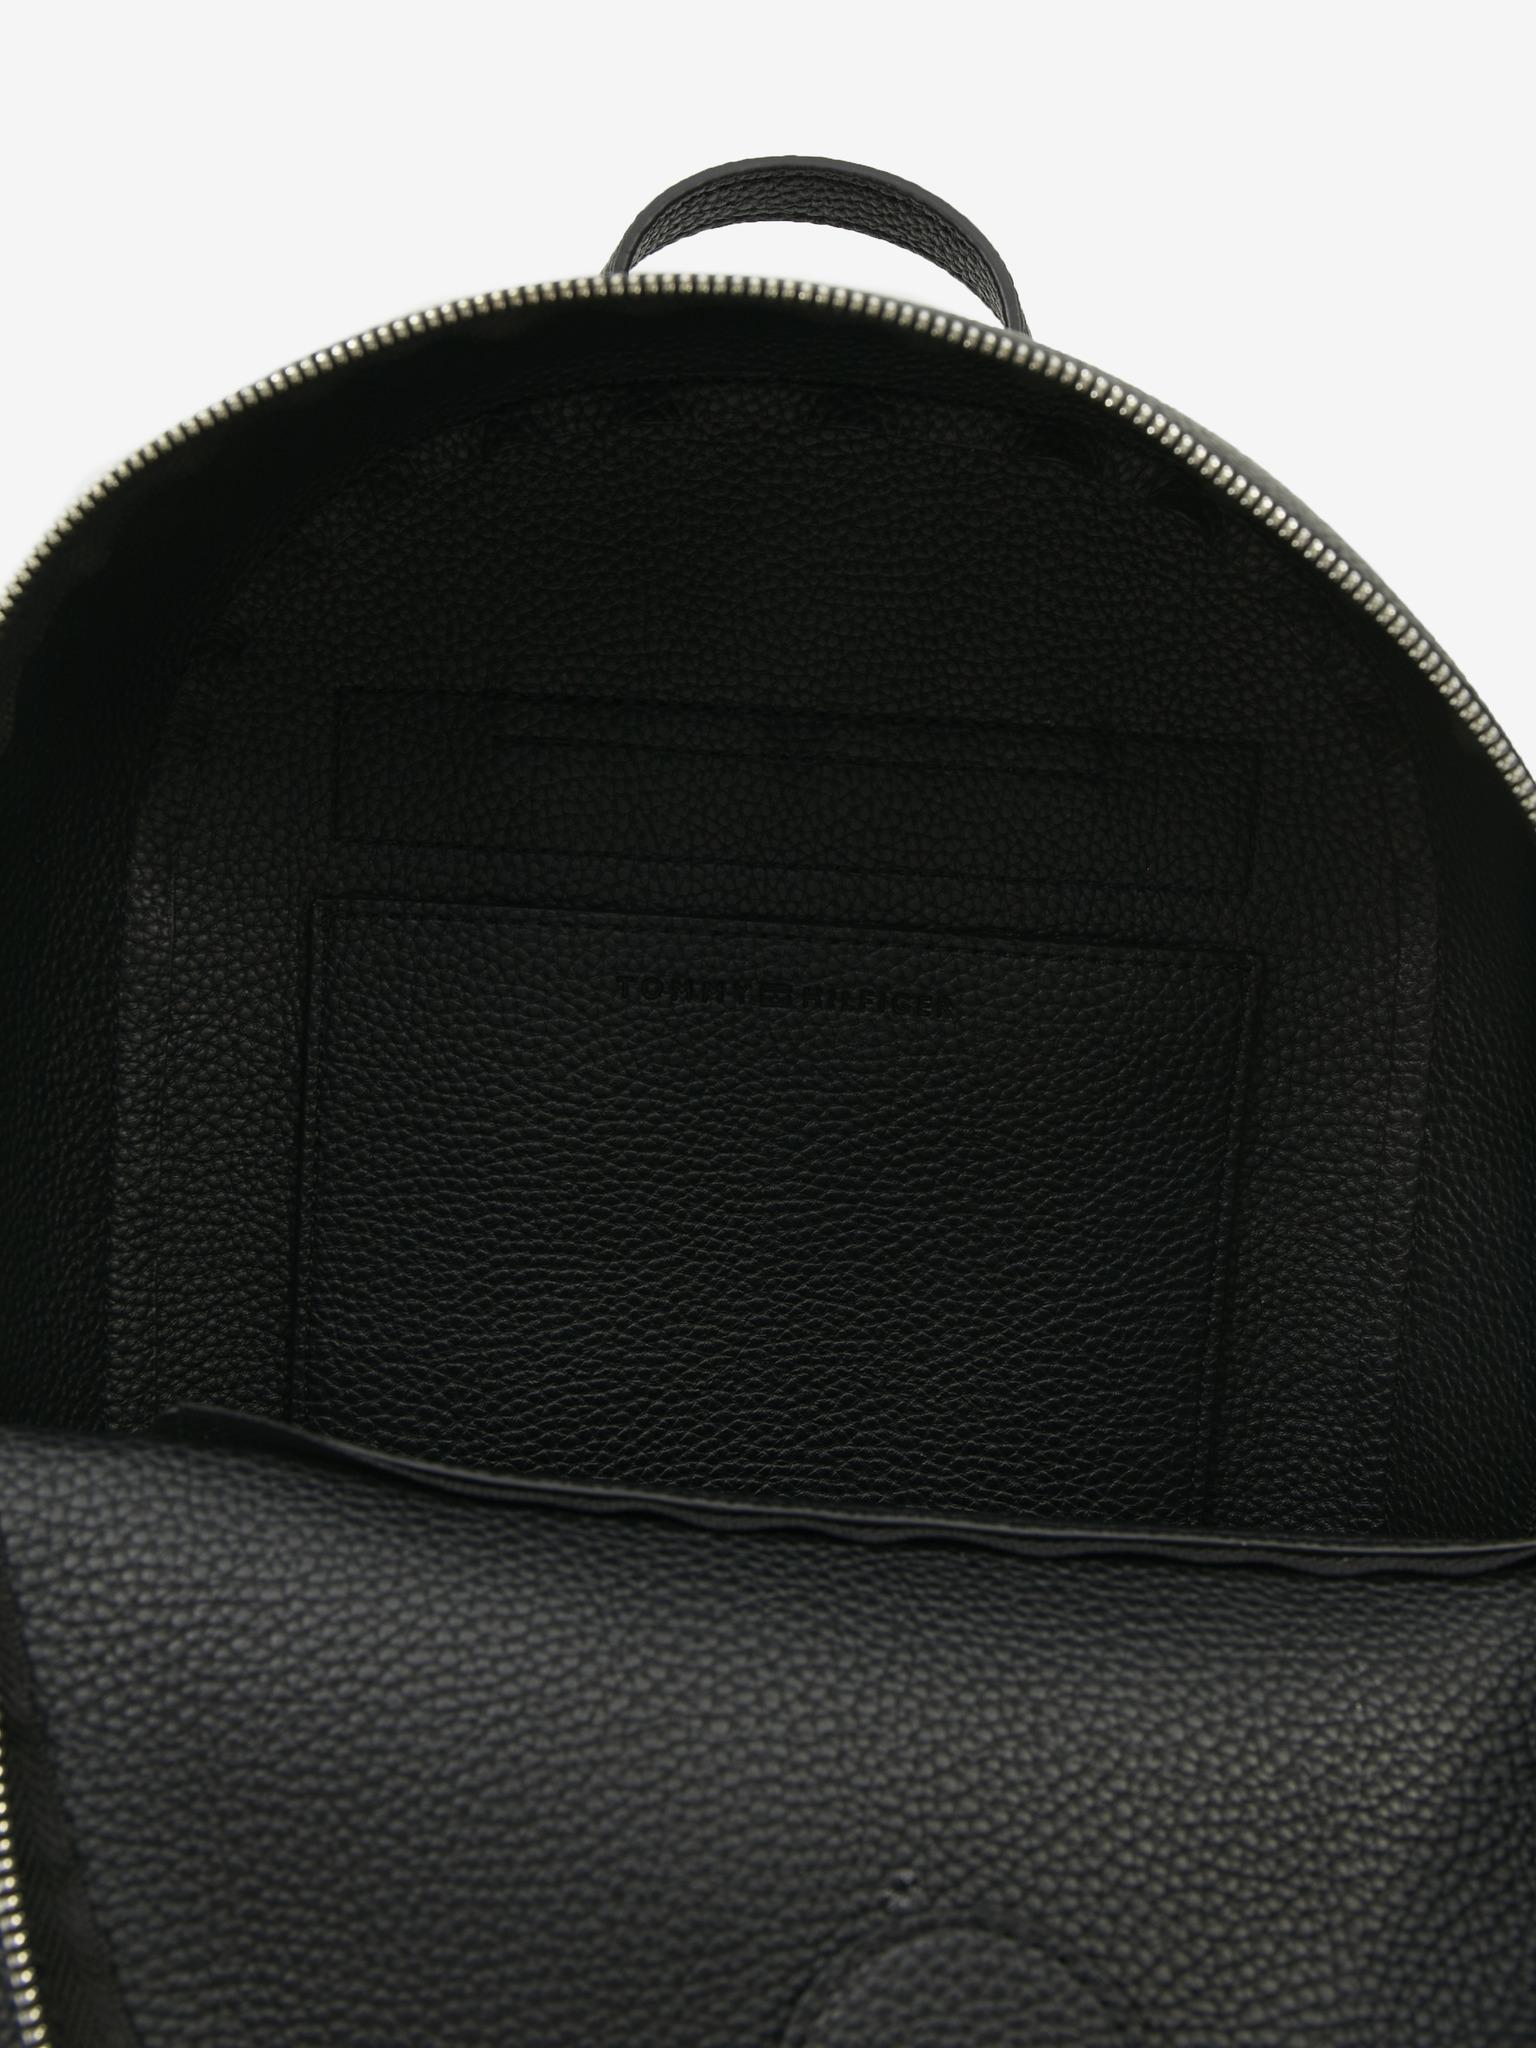 Tommy Hilfiger čierny ruksak Element